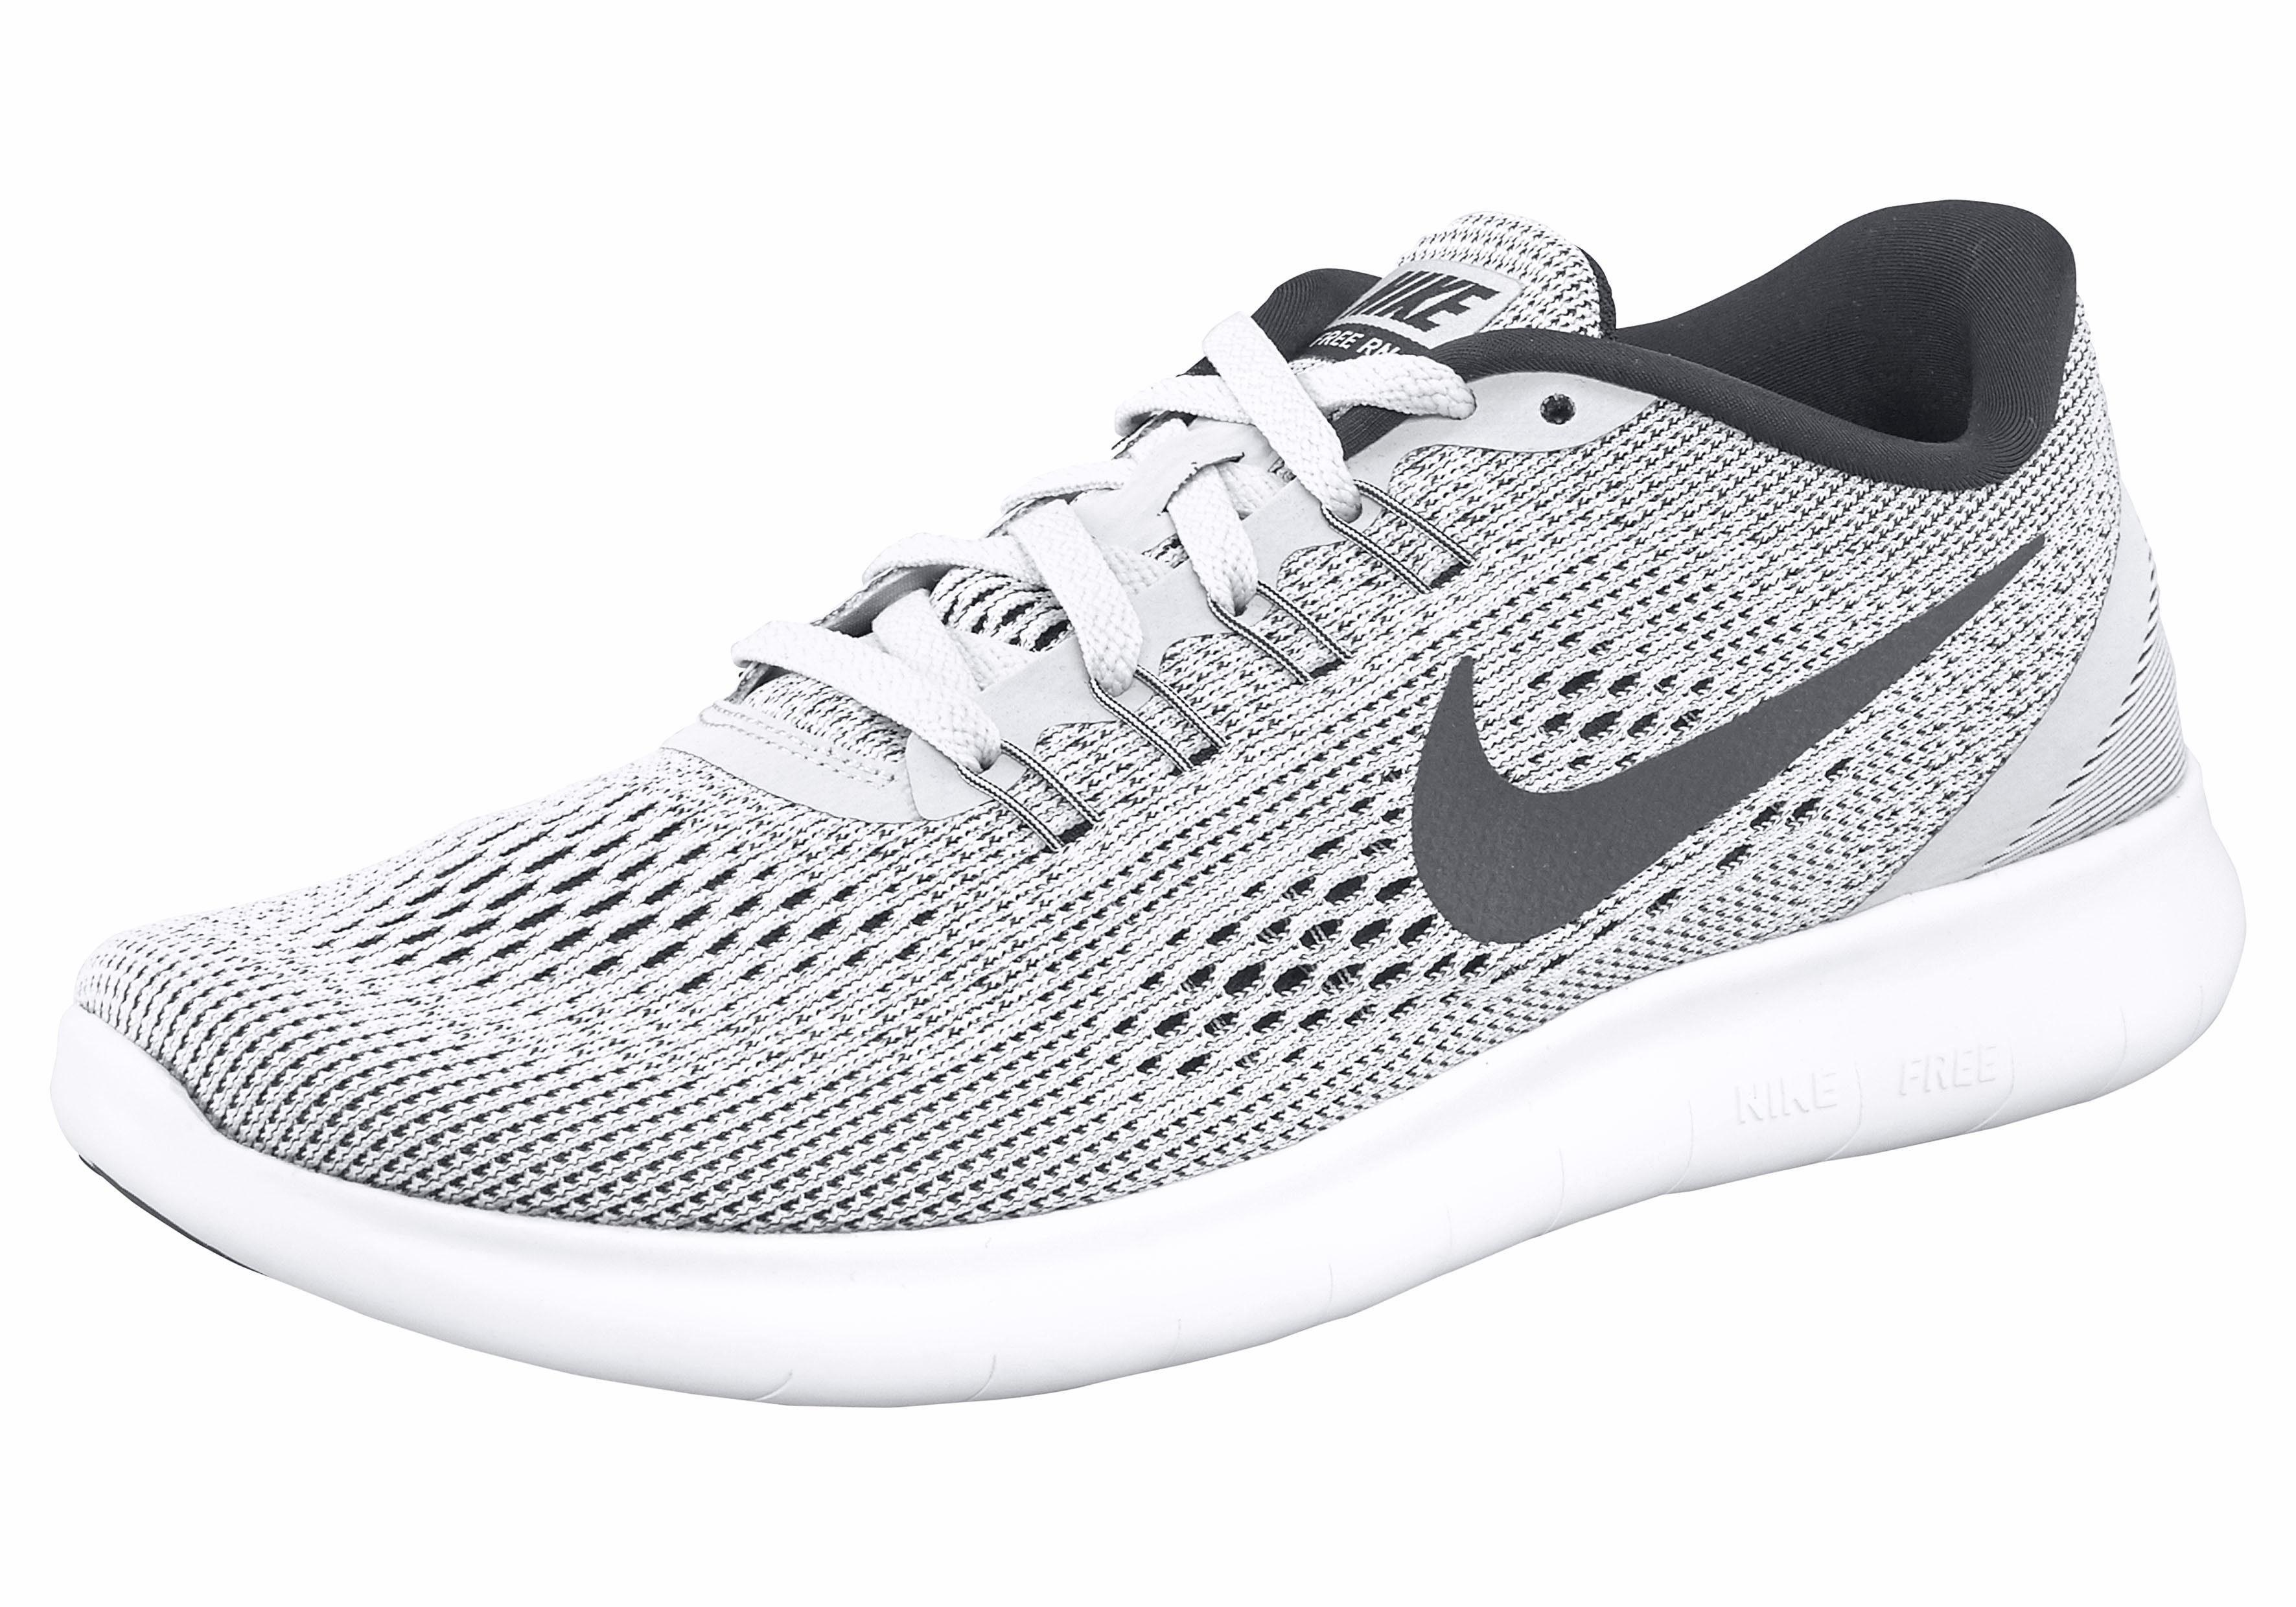 Nike Free Run Wmns Laufschuh online kaufen  grau-schwarz